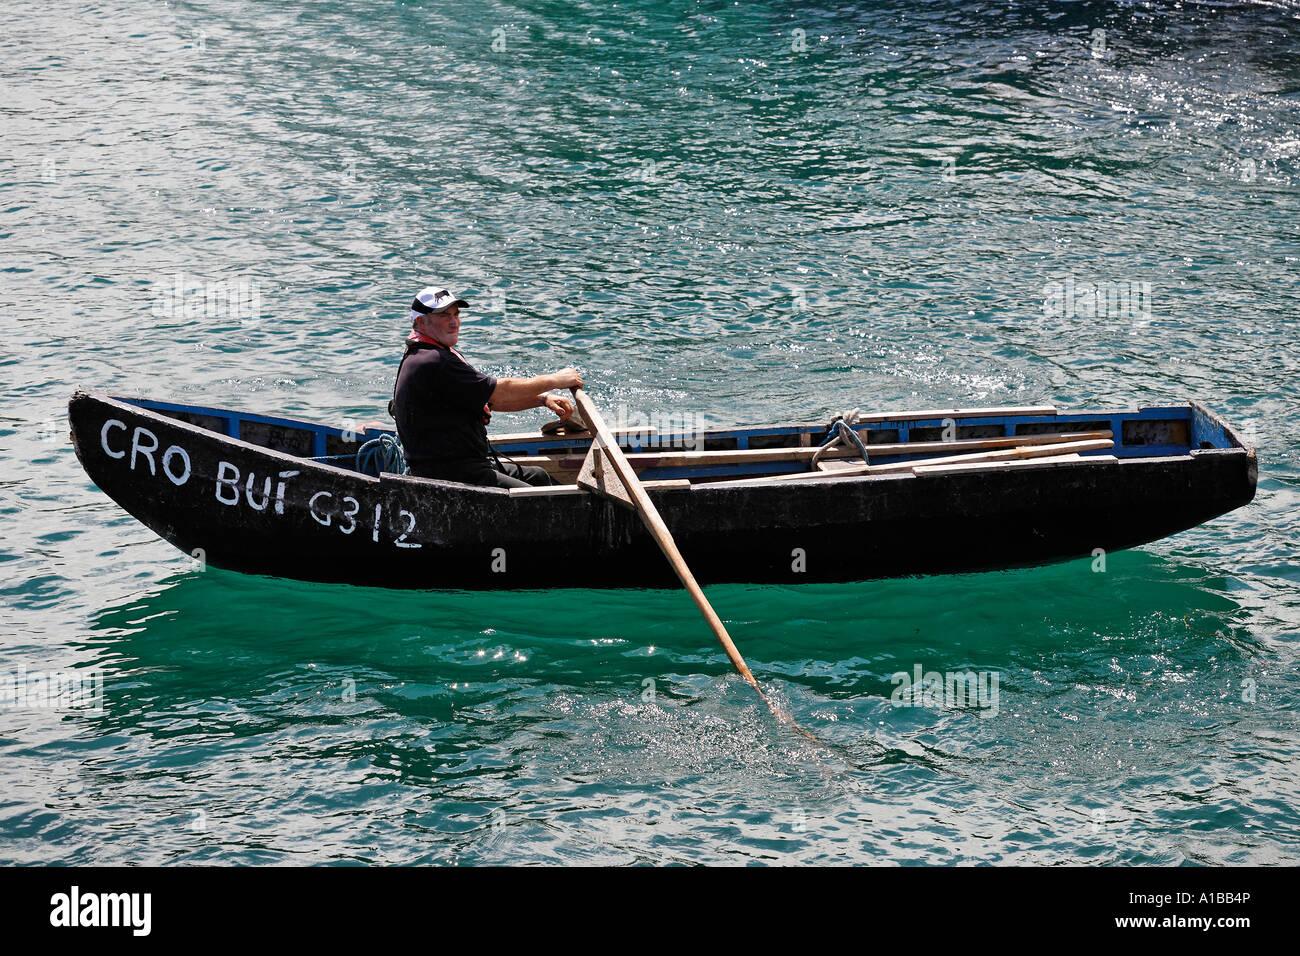 [Imagen: curragh-es-una-tipica-embarcacion-tradic...a1bb4p.jpg]